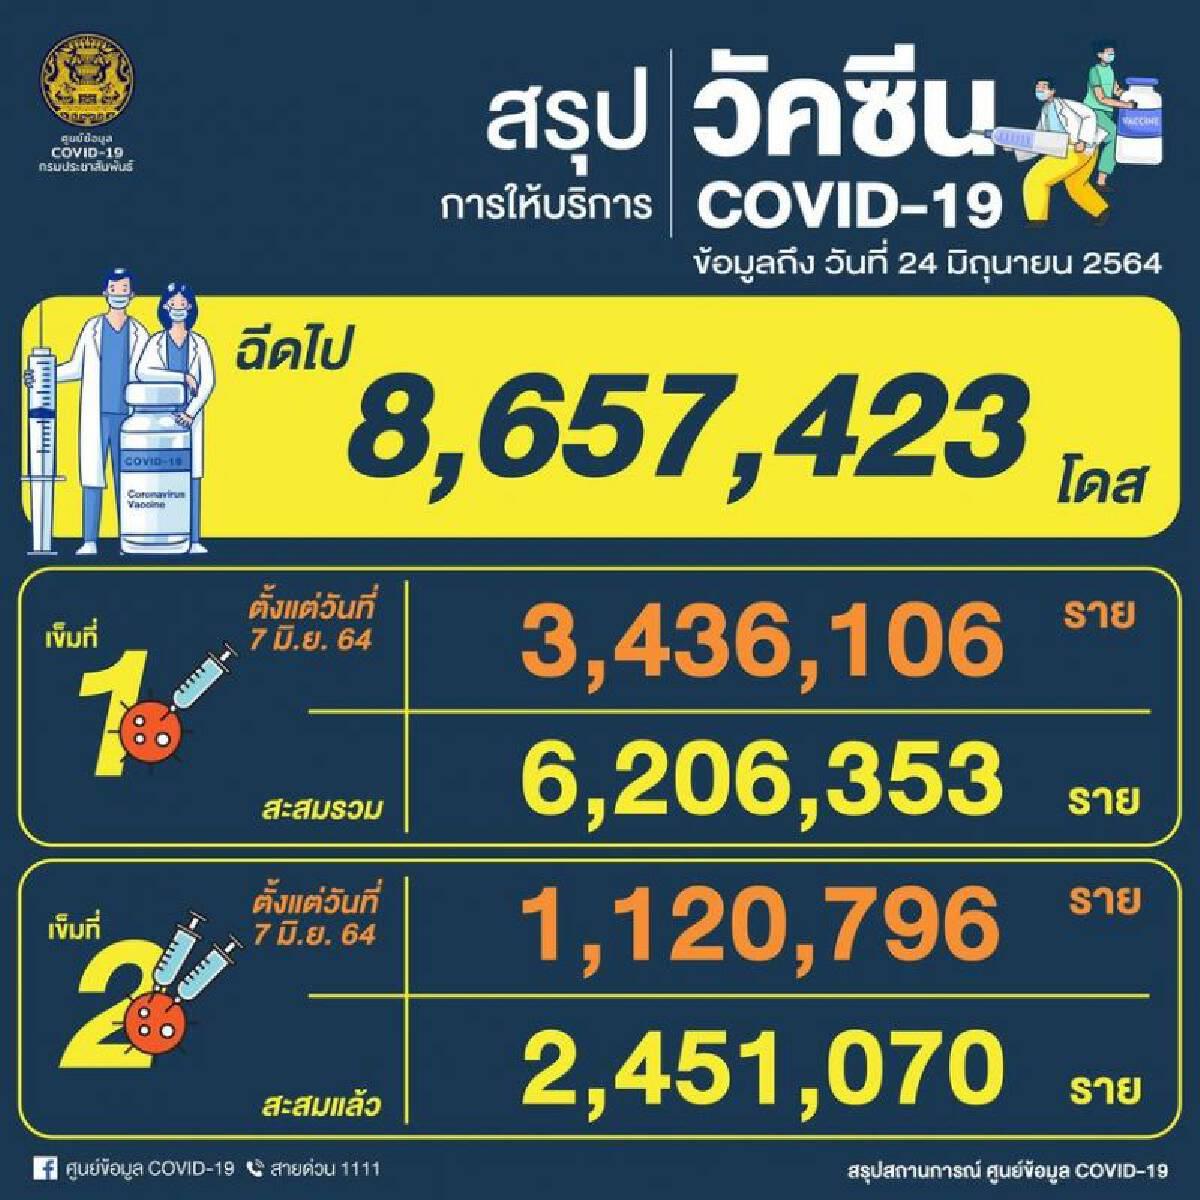 สรุปการฉีดวัคซีนโควิดในประเทศไทย